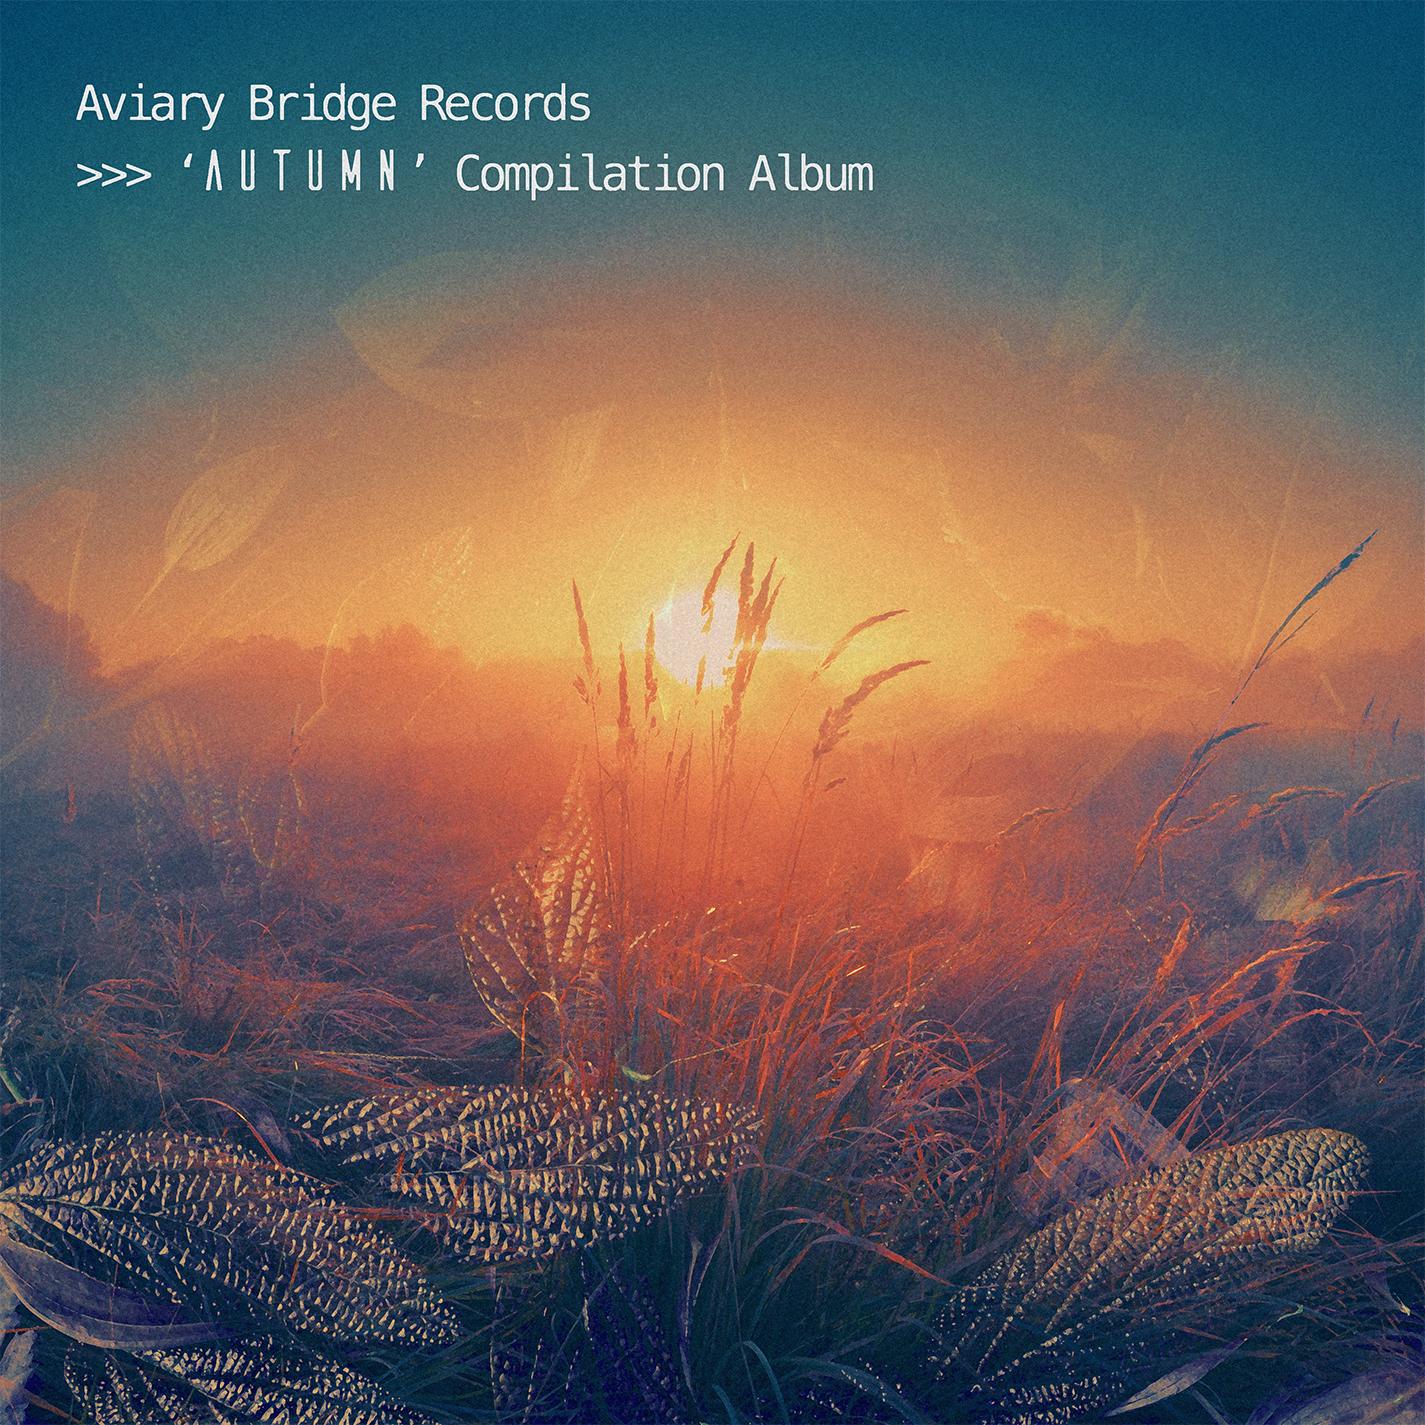 Autumn Compilation Album